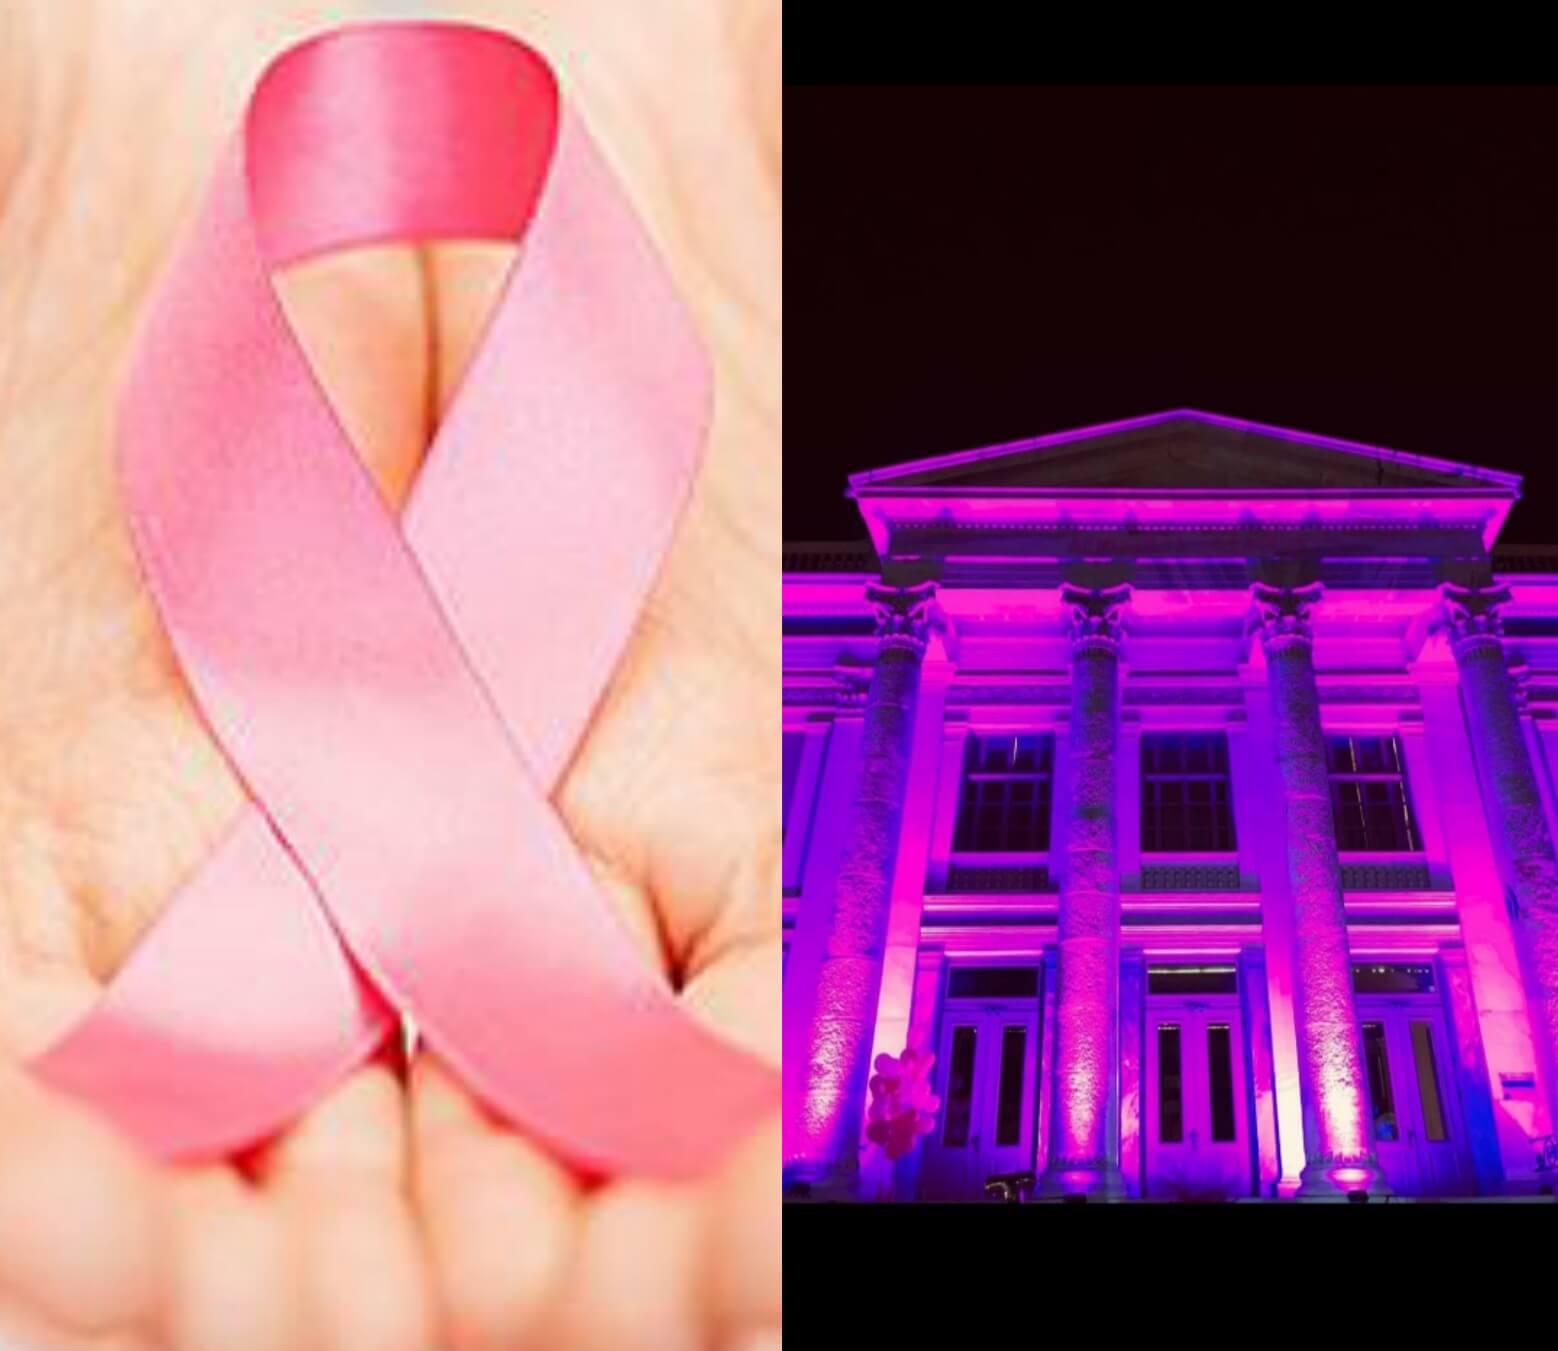 Ο Πειραιάς τιμά την Παγκόσμια Ημέρα κατά του Καρκίνου του Μαστού